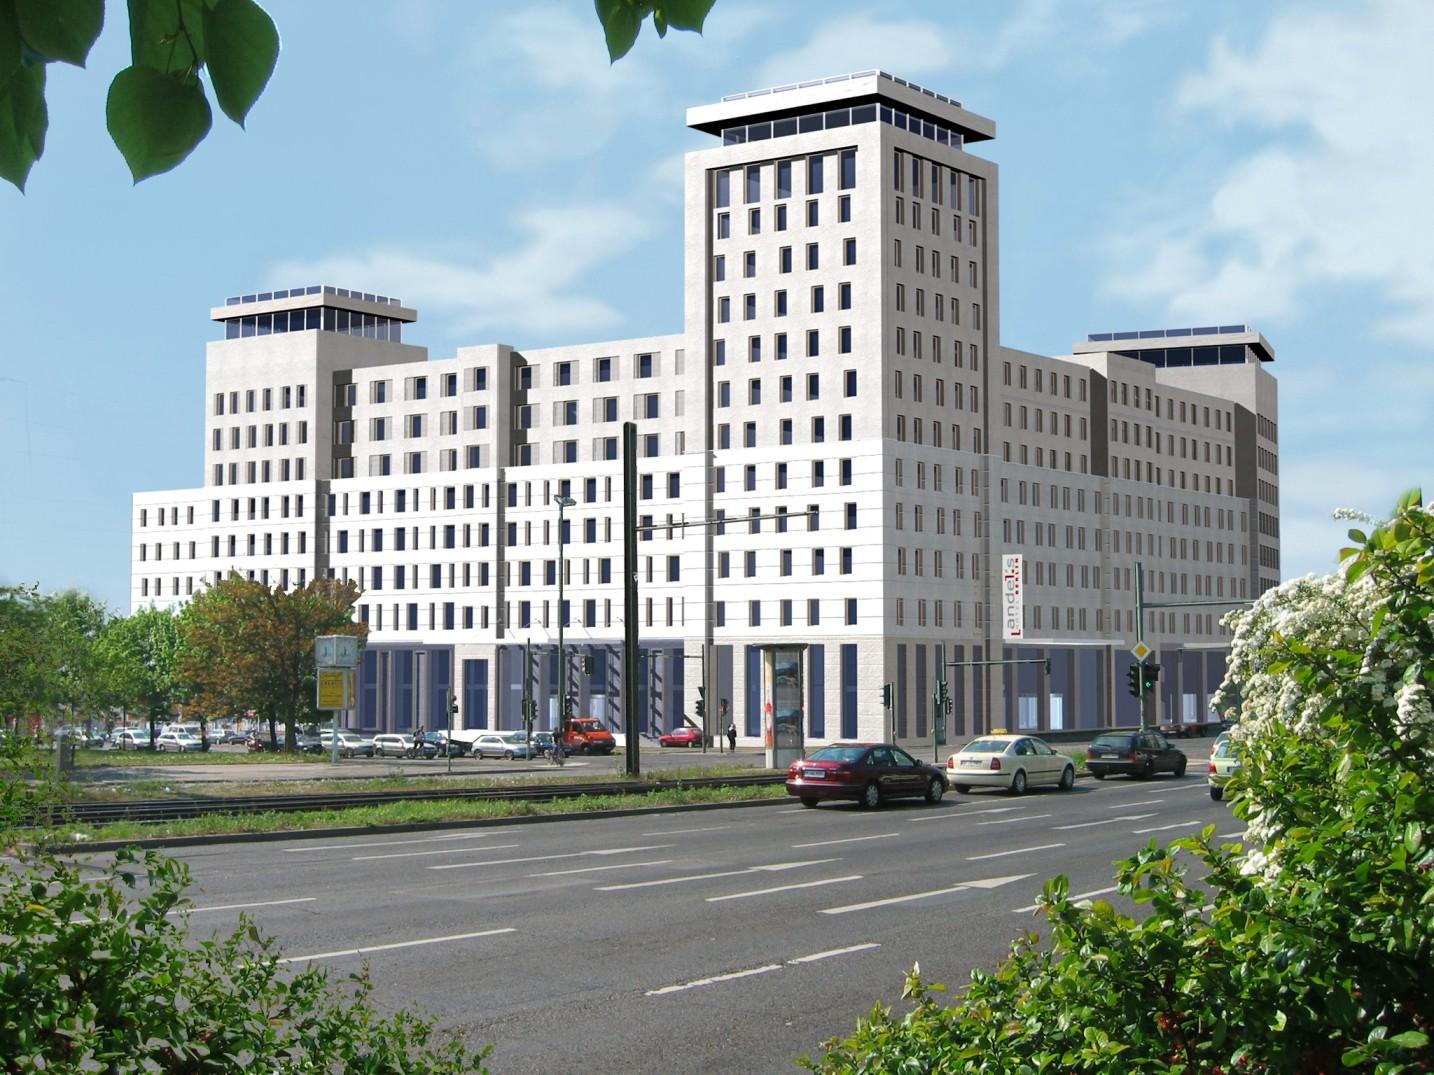 rossi hochhaus realisiert seite 3 deutsches architektur forum. Black Bedroom Furniture Sets. Home Design Ideas